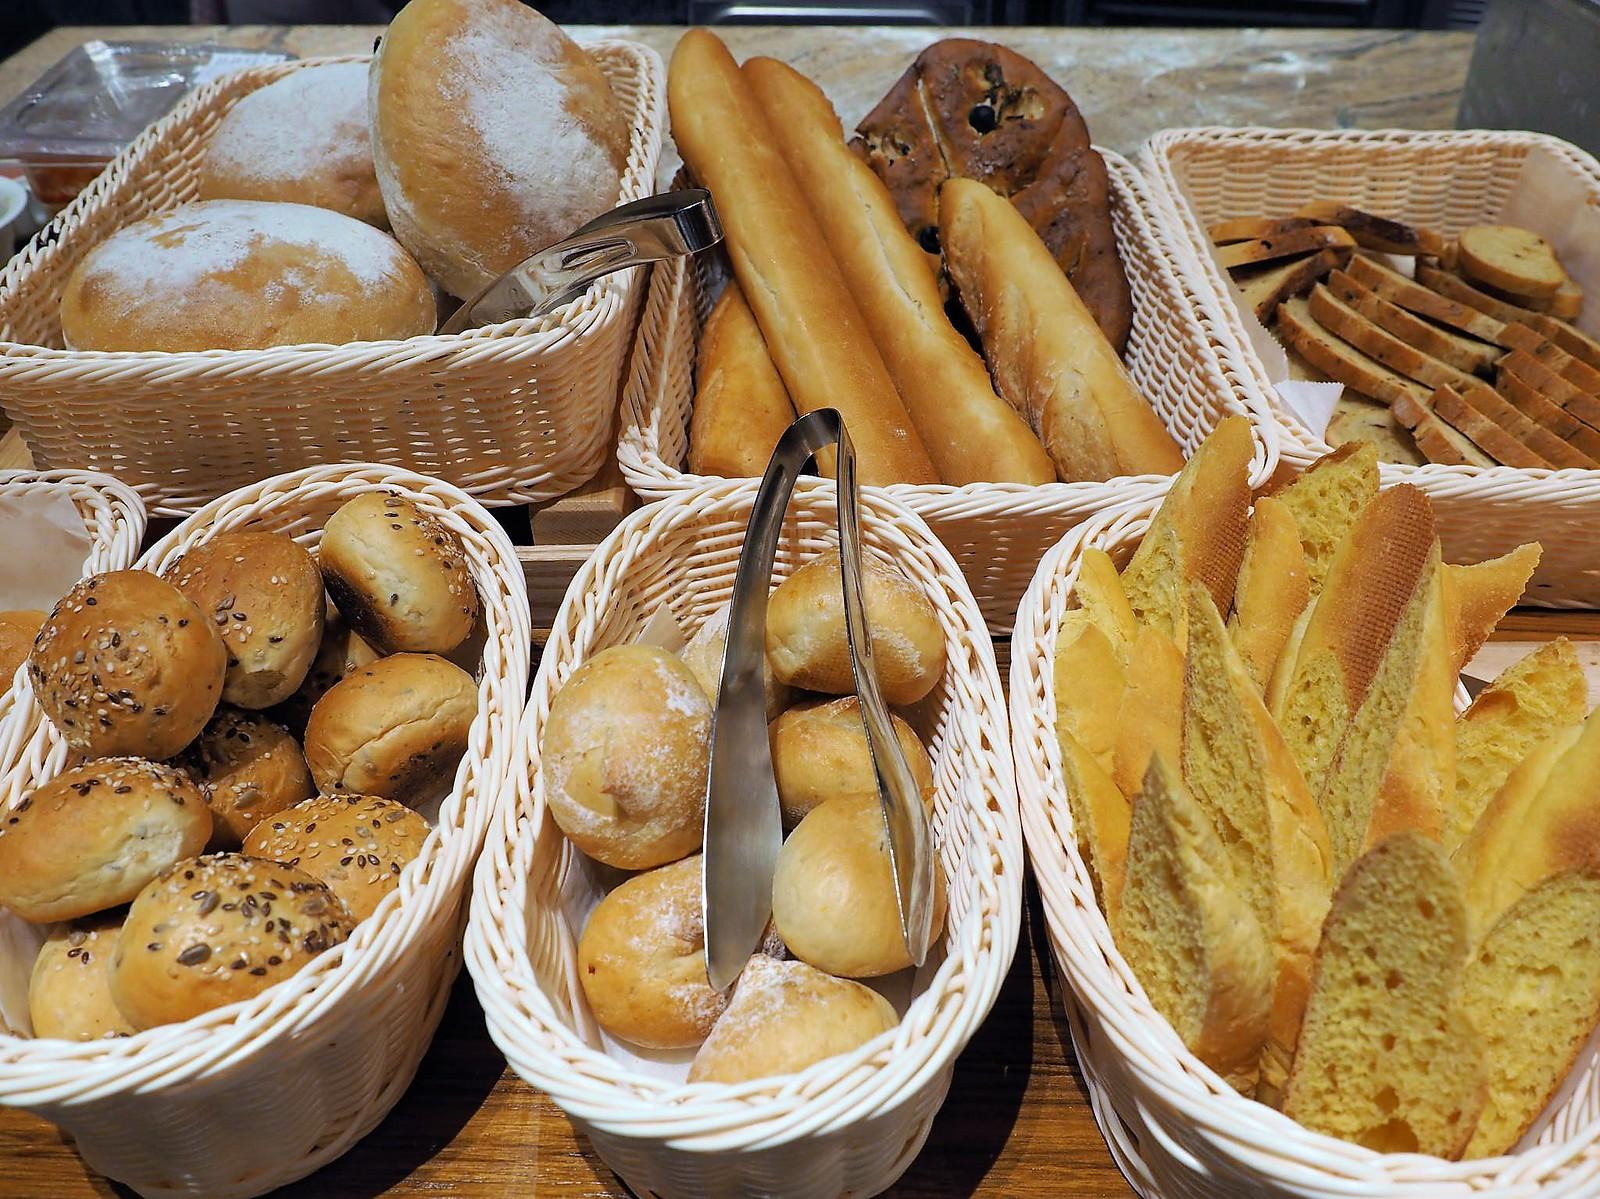 Varieties of bread